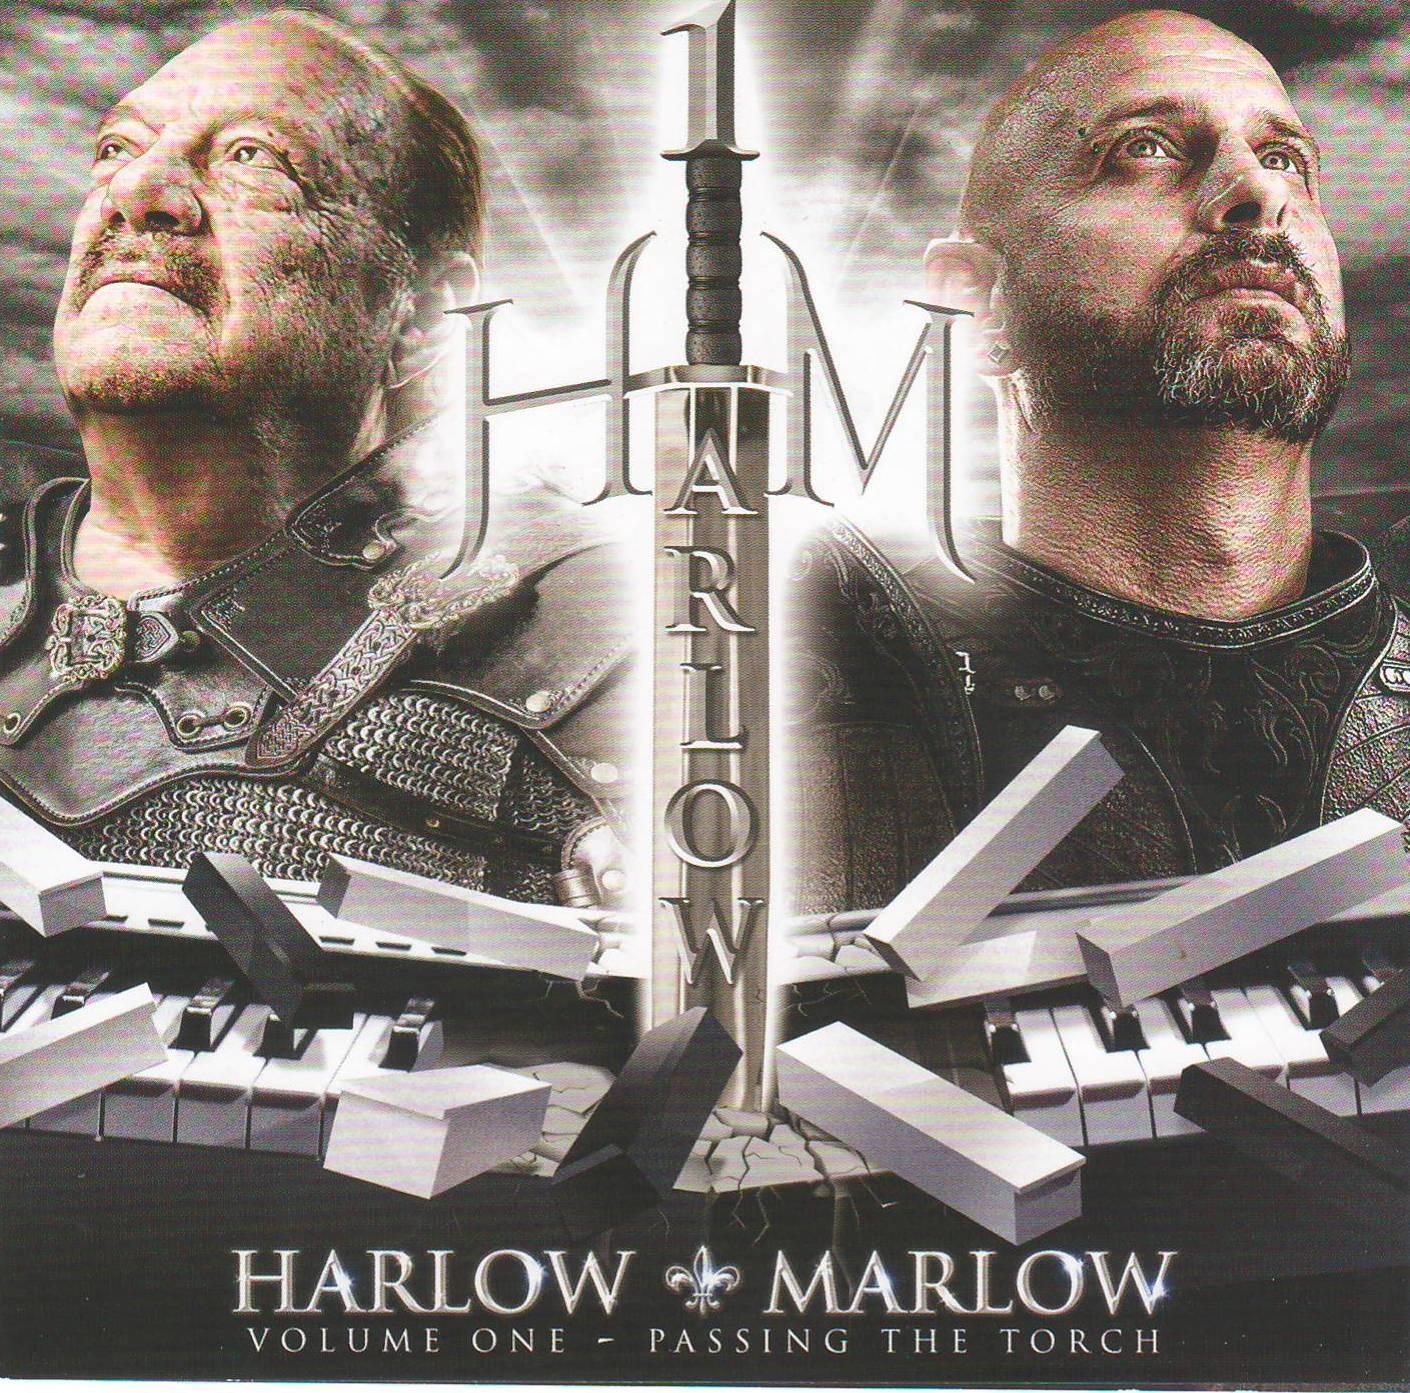 harlow y marlow - 2016 - volume 1